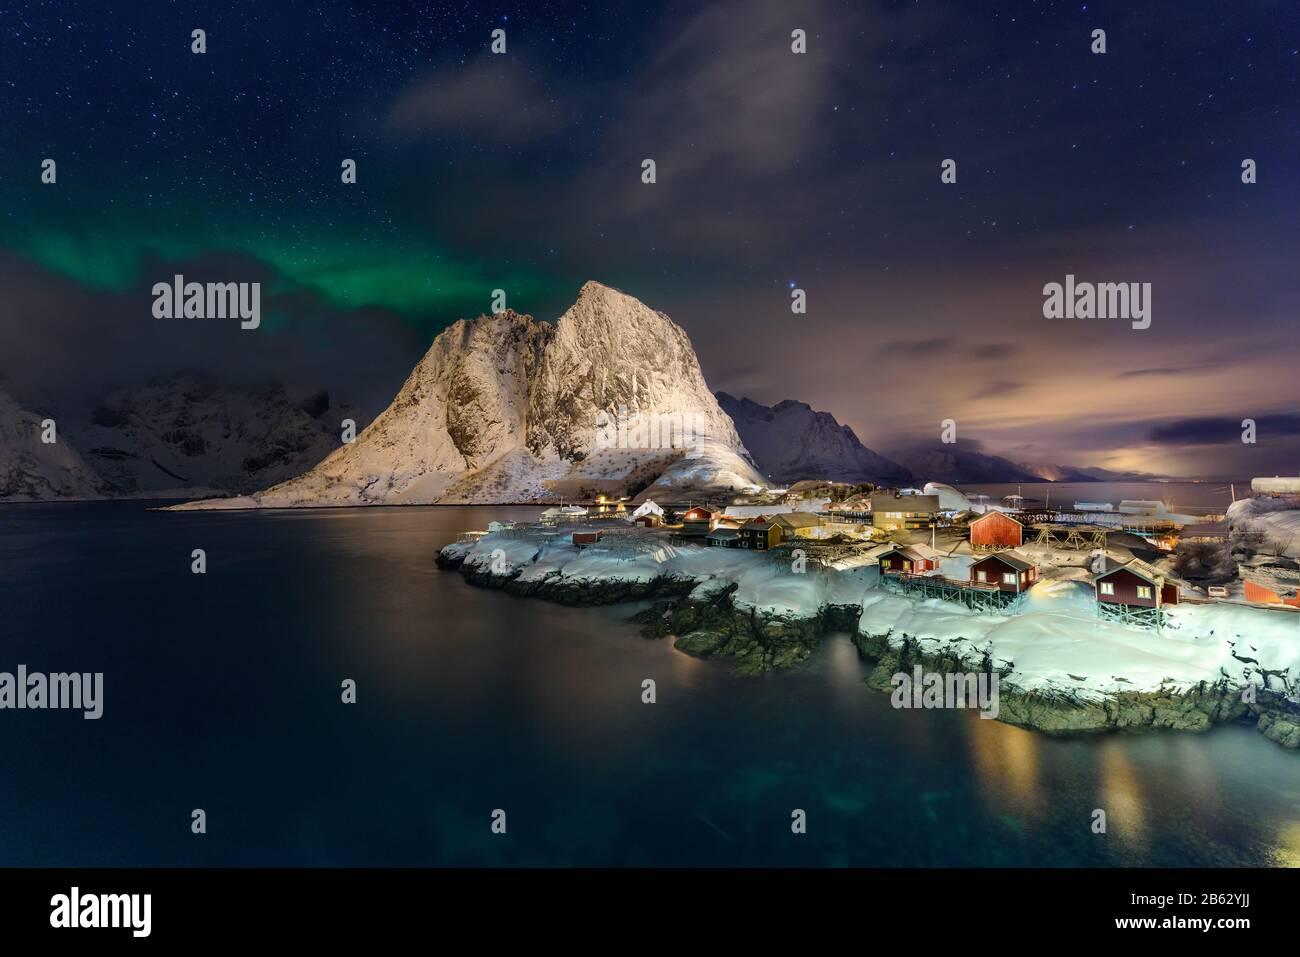 Magnifiques Aurores Boréales À Hamnoy, Île Lofoten En Norvège. Aurora Boréal au-dessus du petit village de pêcheurs avec ses huttes rouges traditionnelles. Majestueux gr Banque D'Images